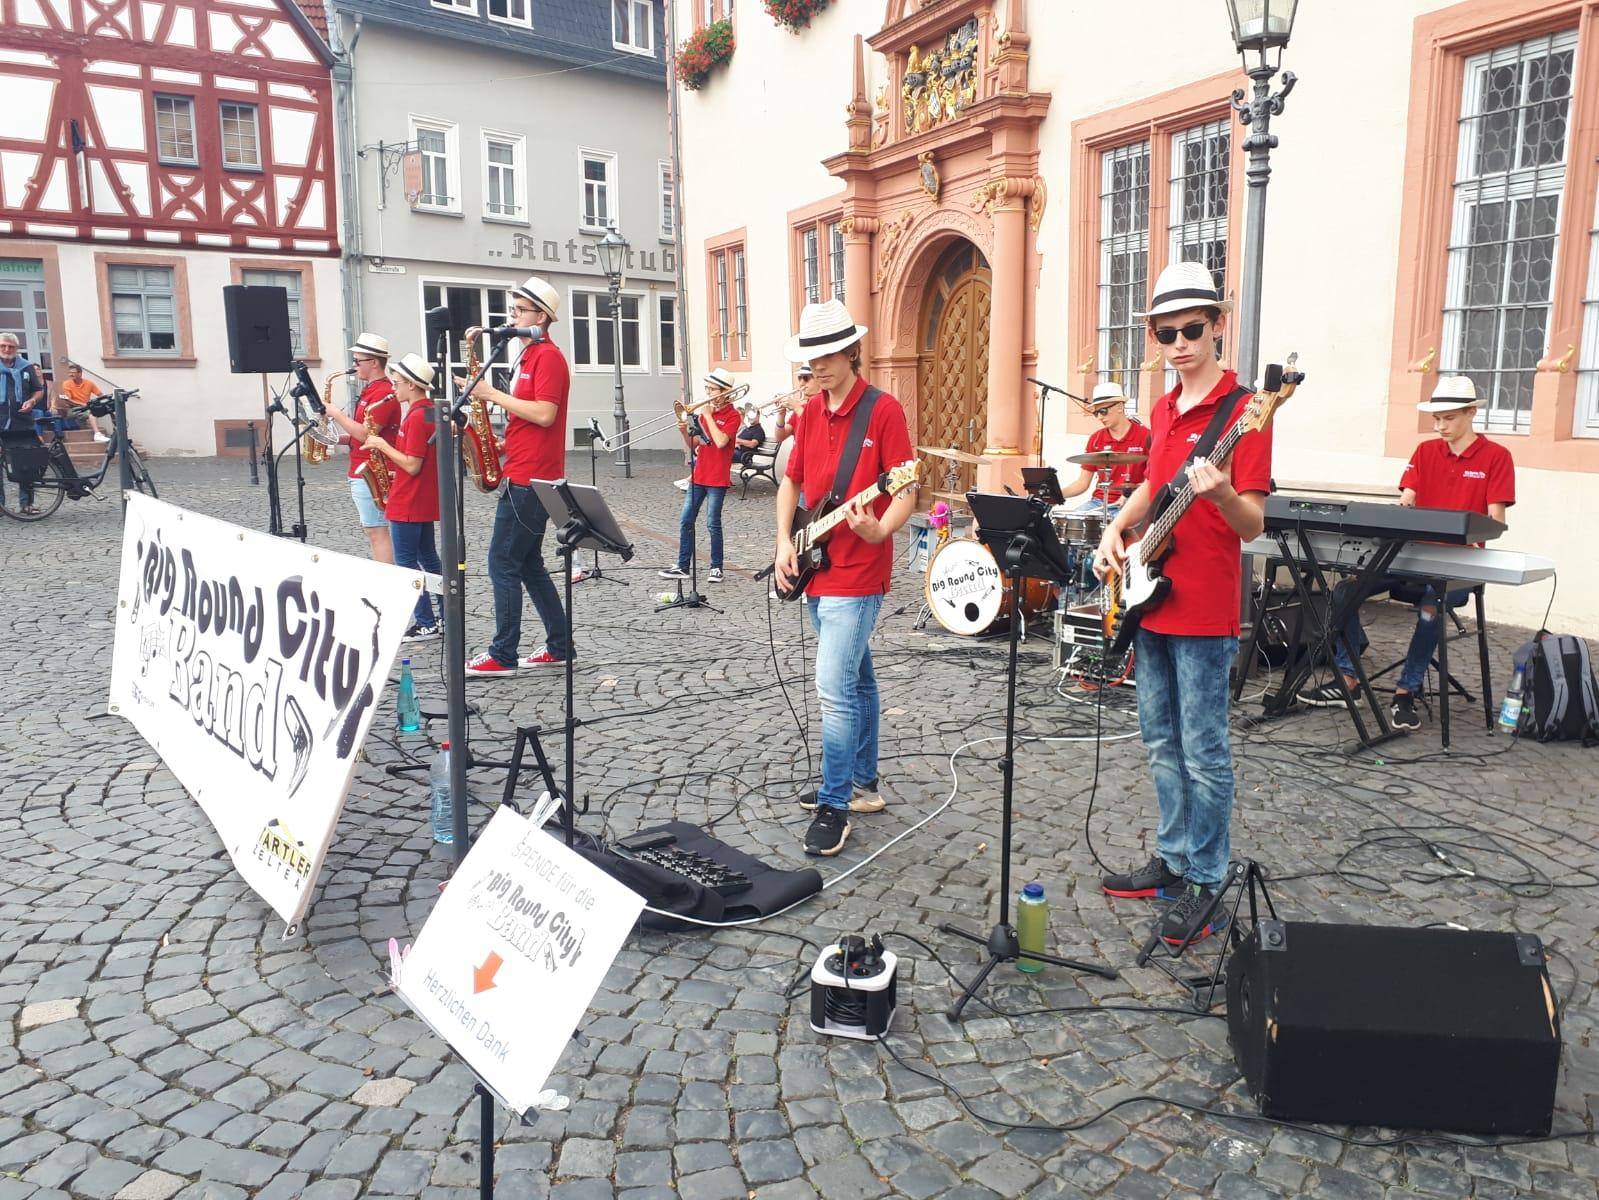 Auftritt Marktplatz Groß Umstadt 2020 - BigroundCityBand in kleiner Besetzung